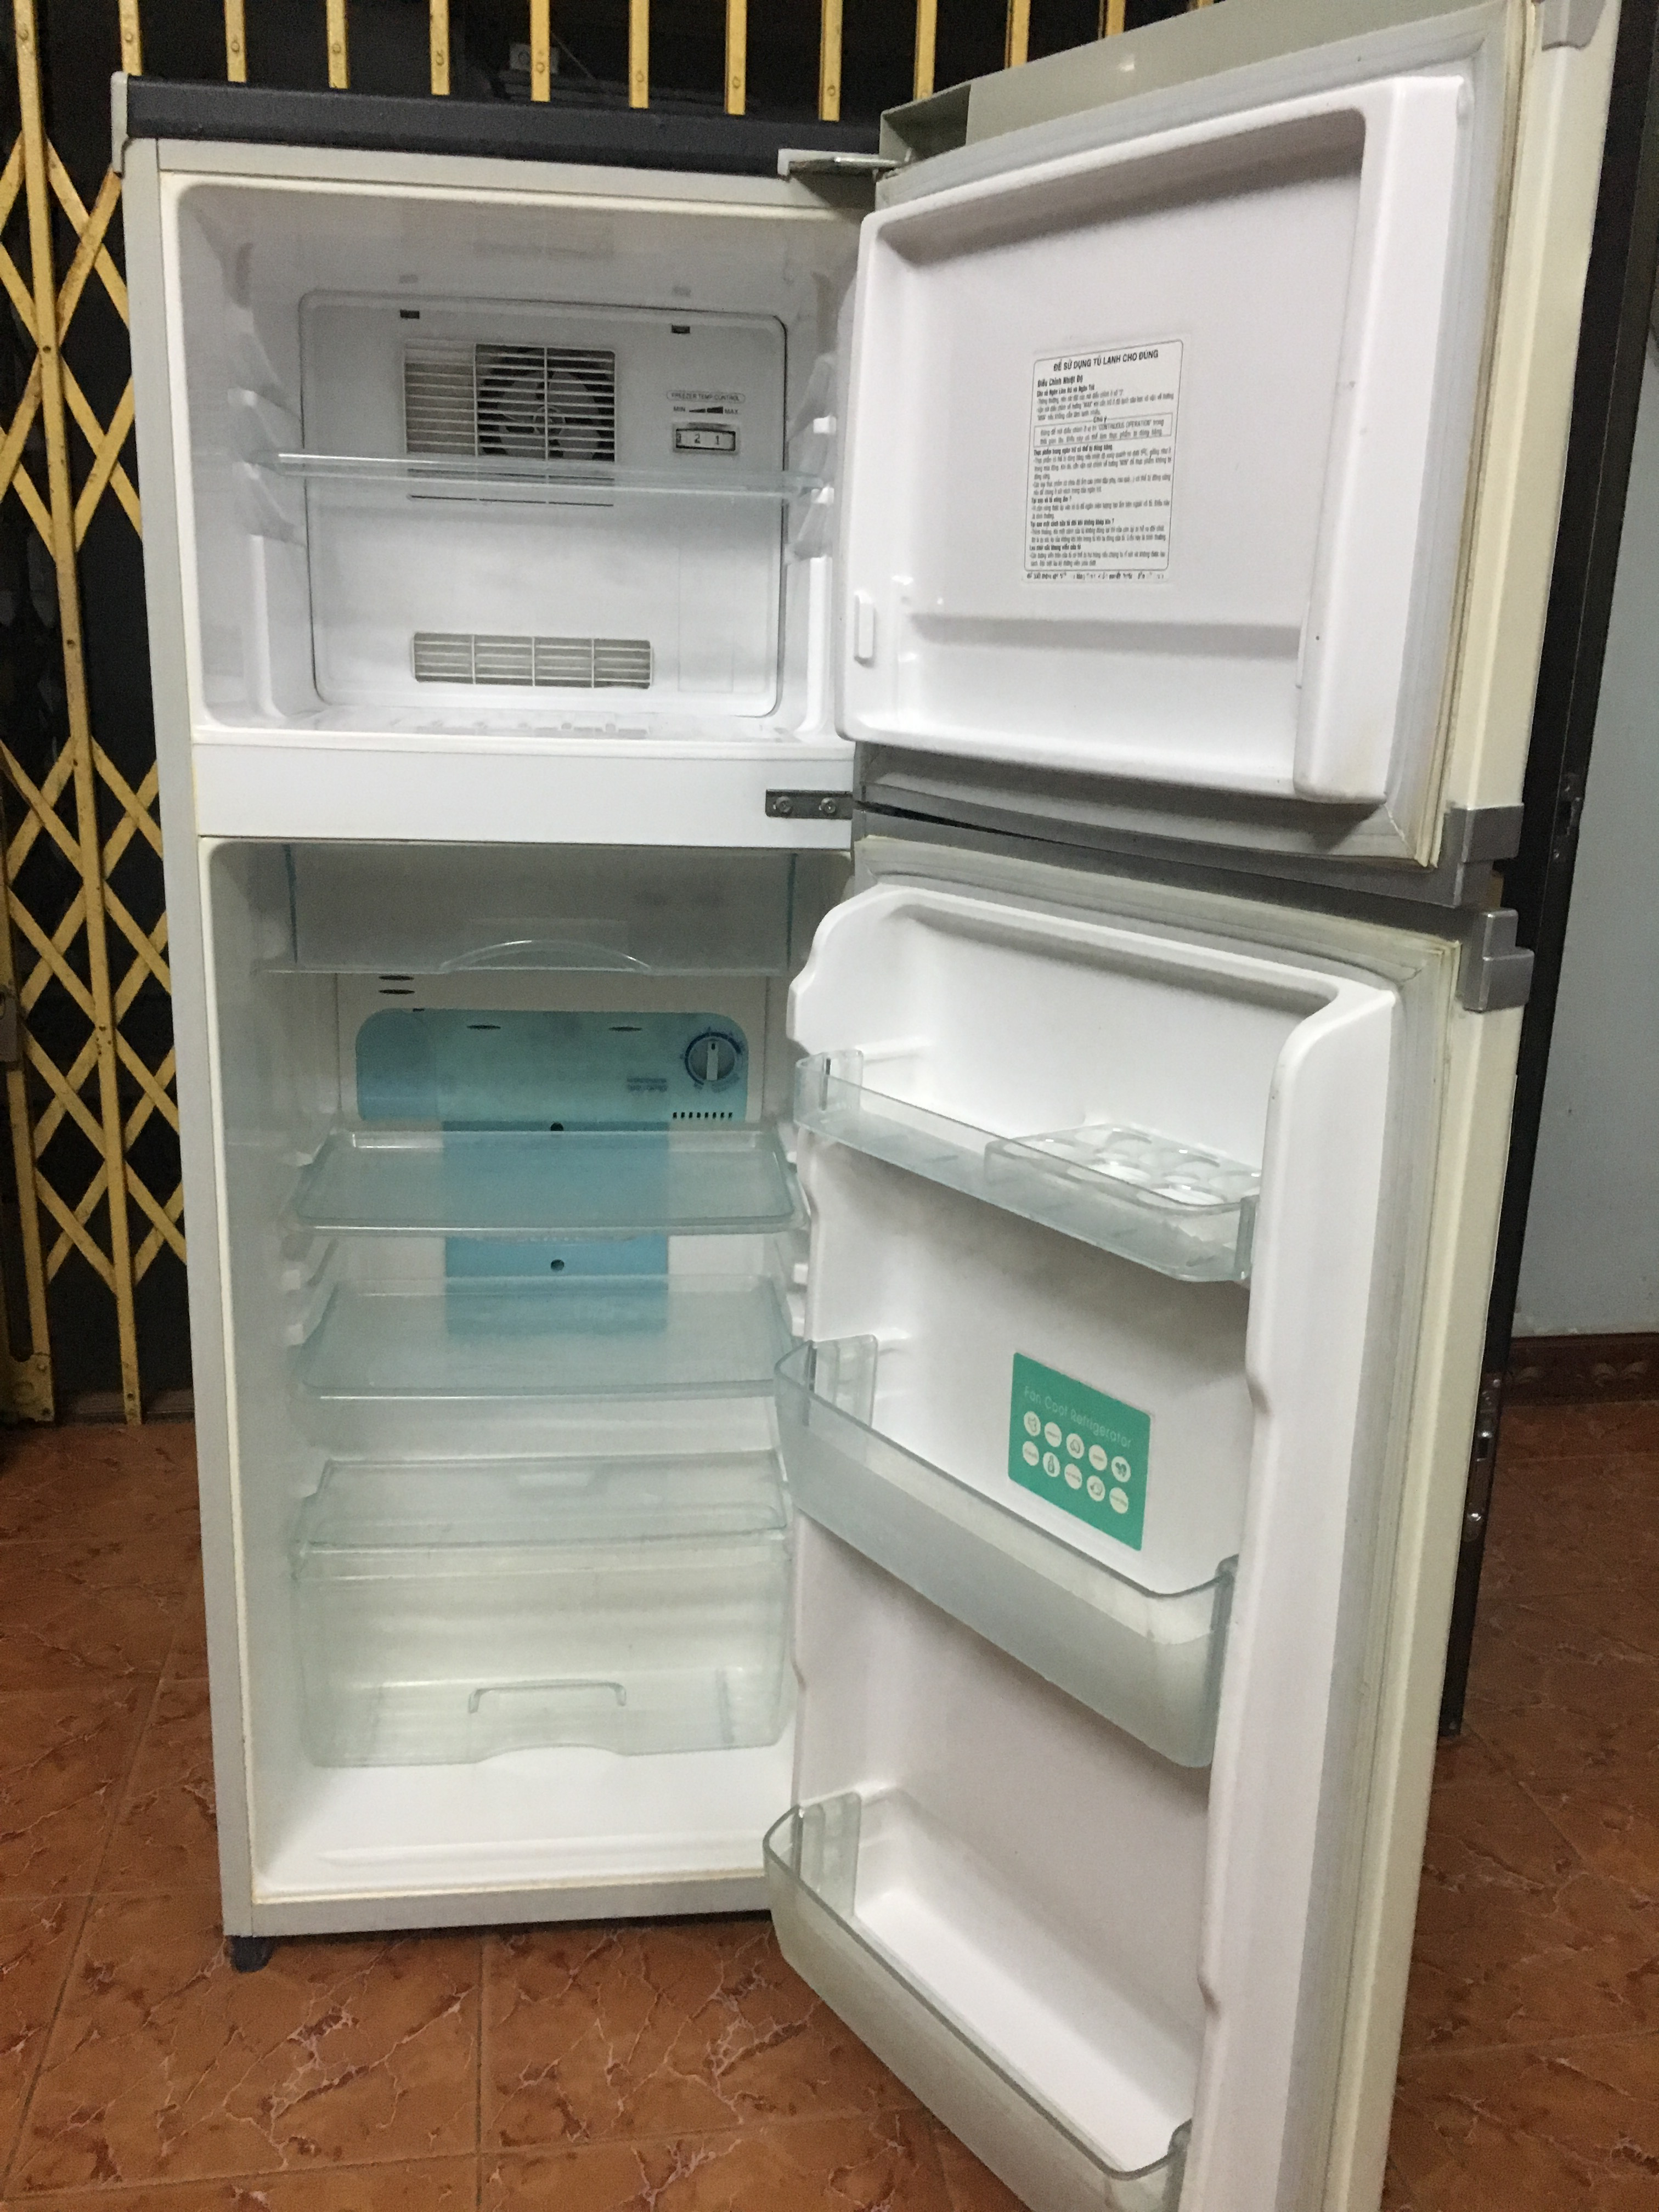 1 Tủ lạnh toshiba 160l ga lốc nguyên bản